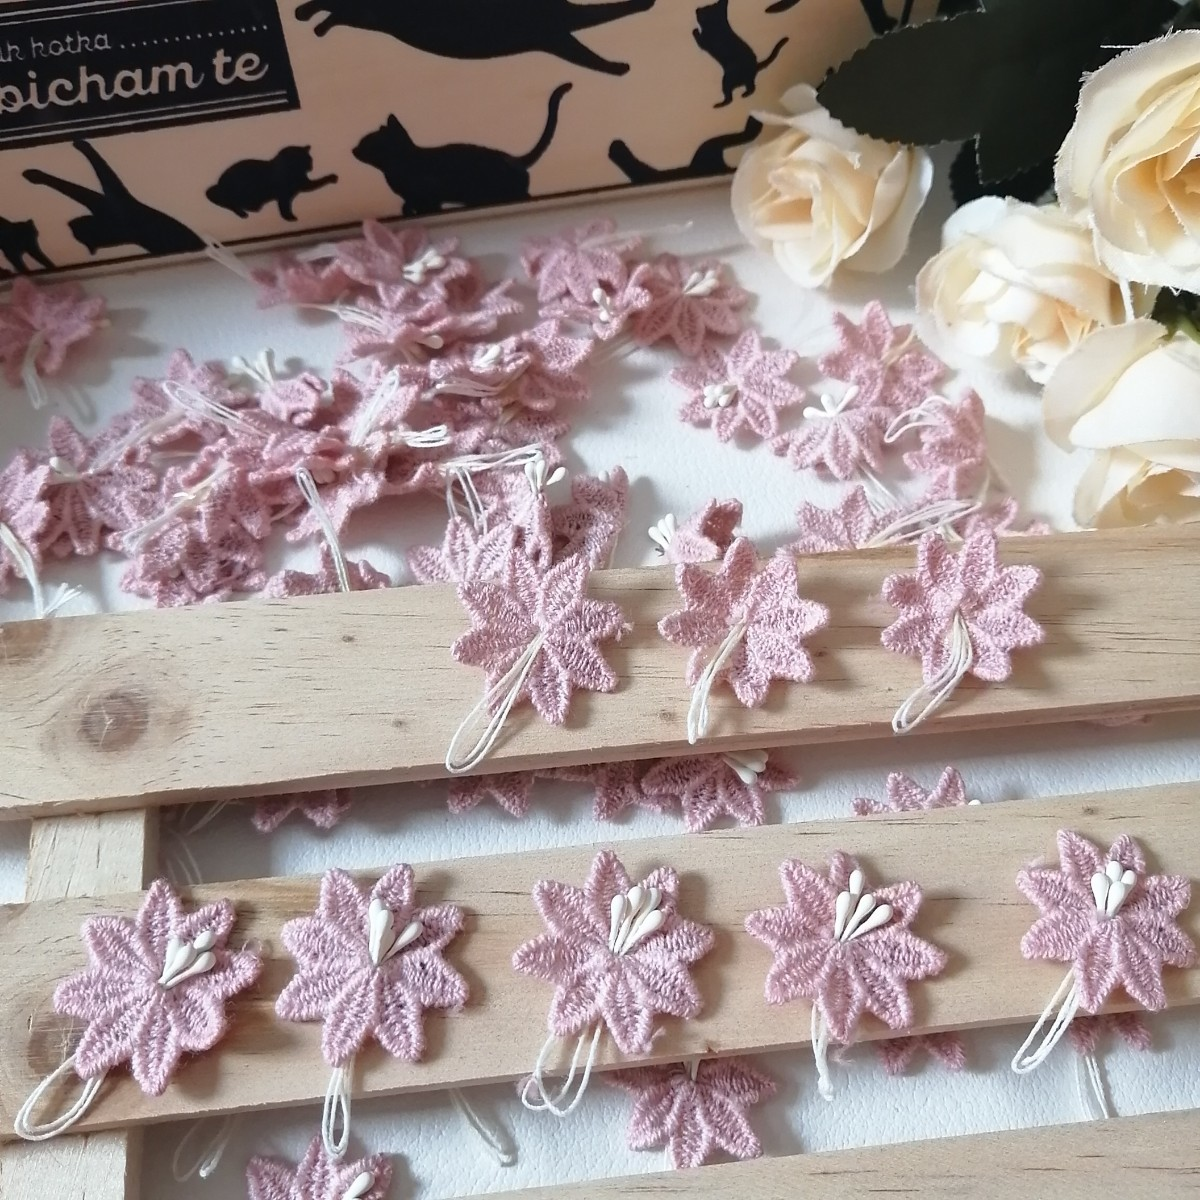 ハンドメイド ワッペン   綺麗なワッベン 手作り 花モチーフ 超大量 ピンク